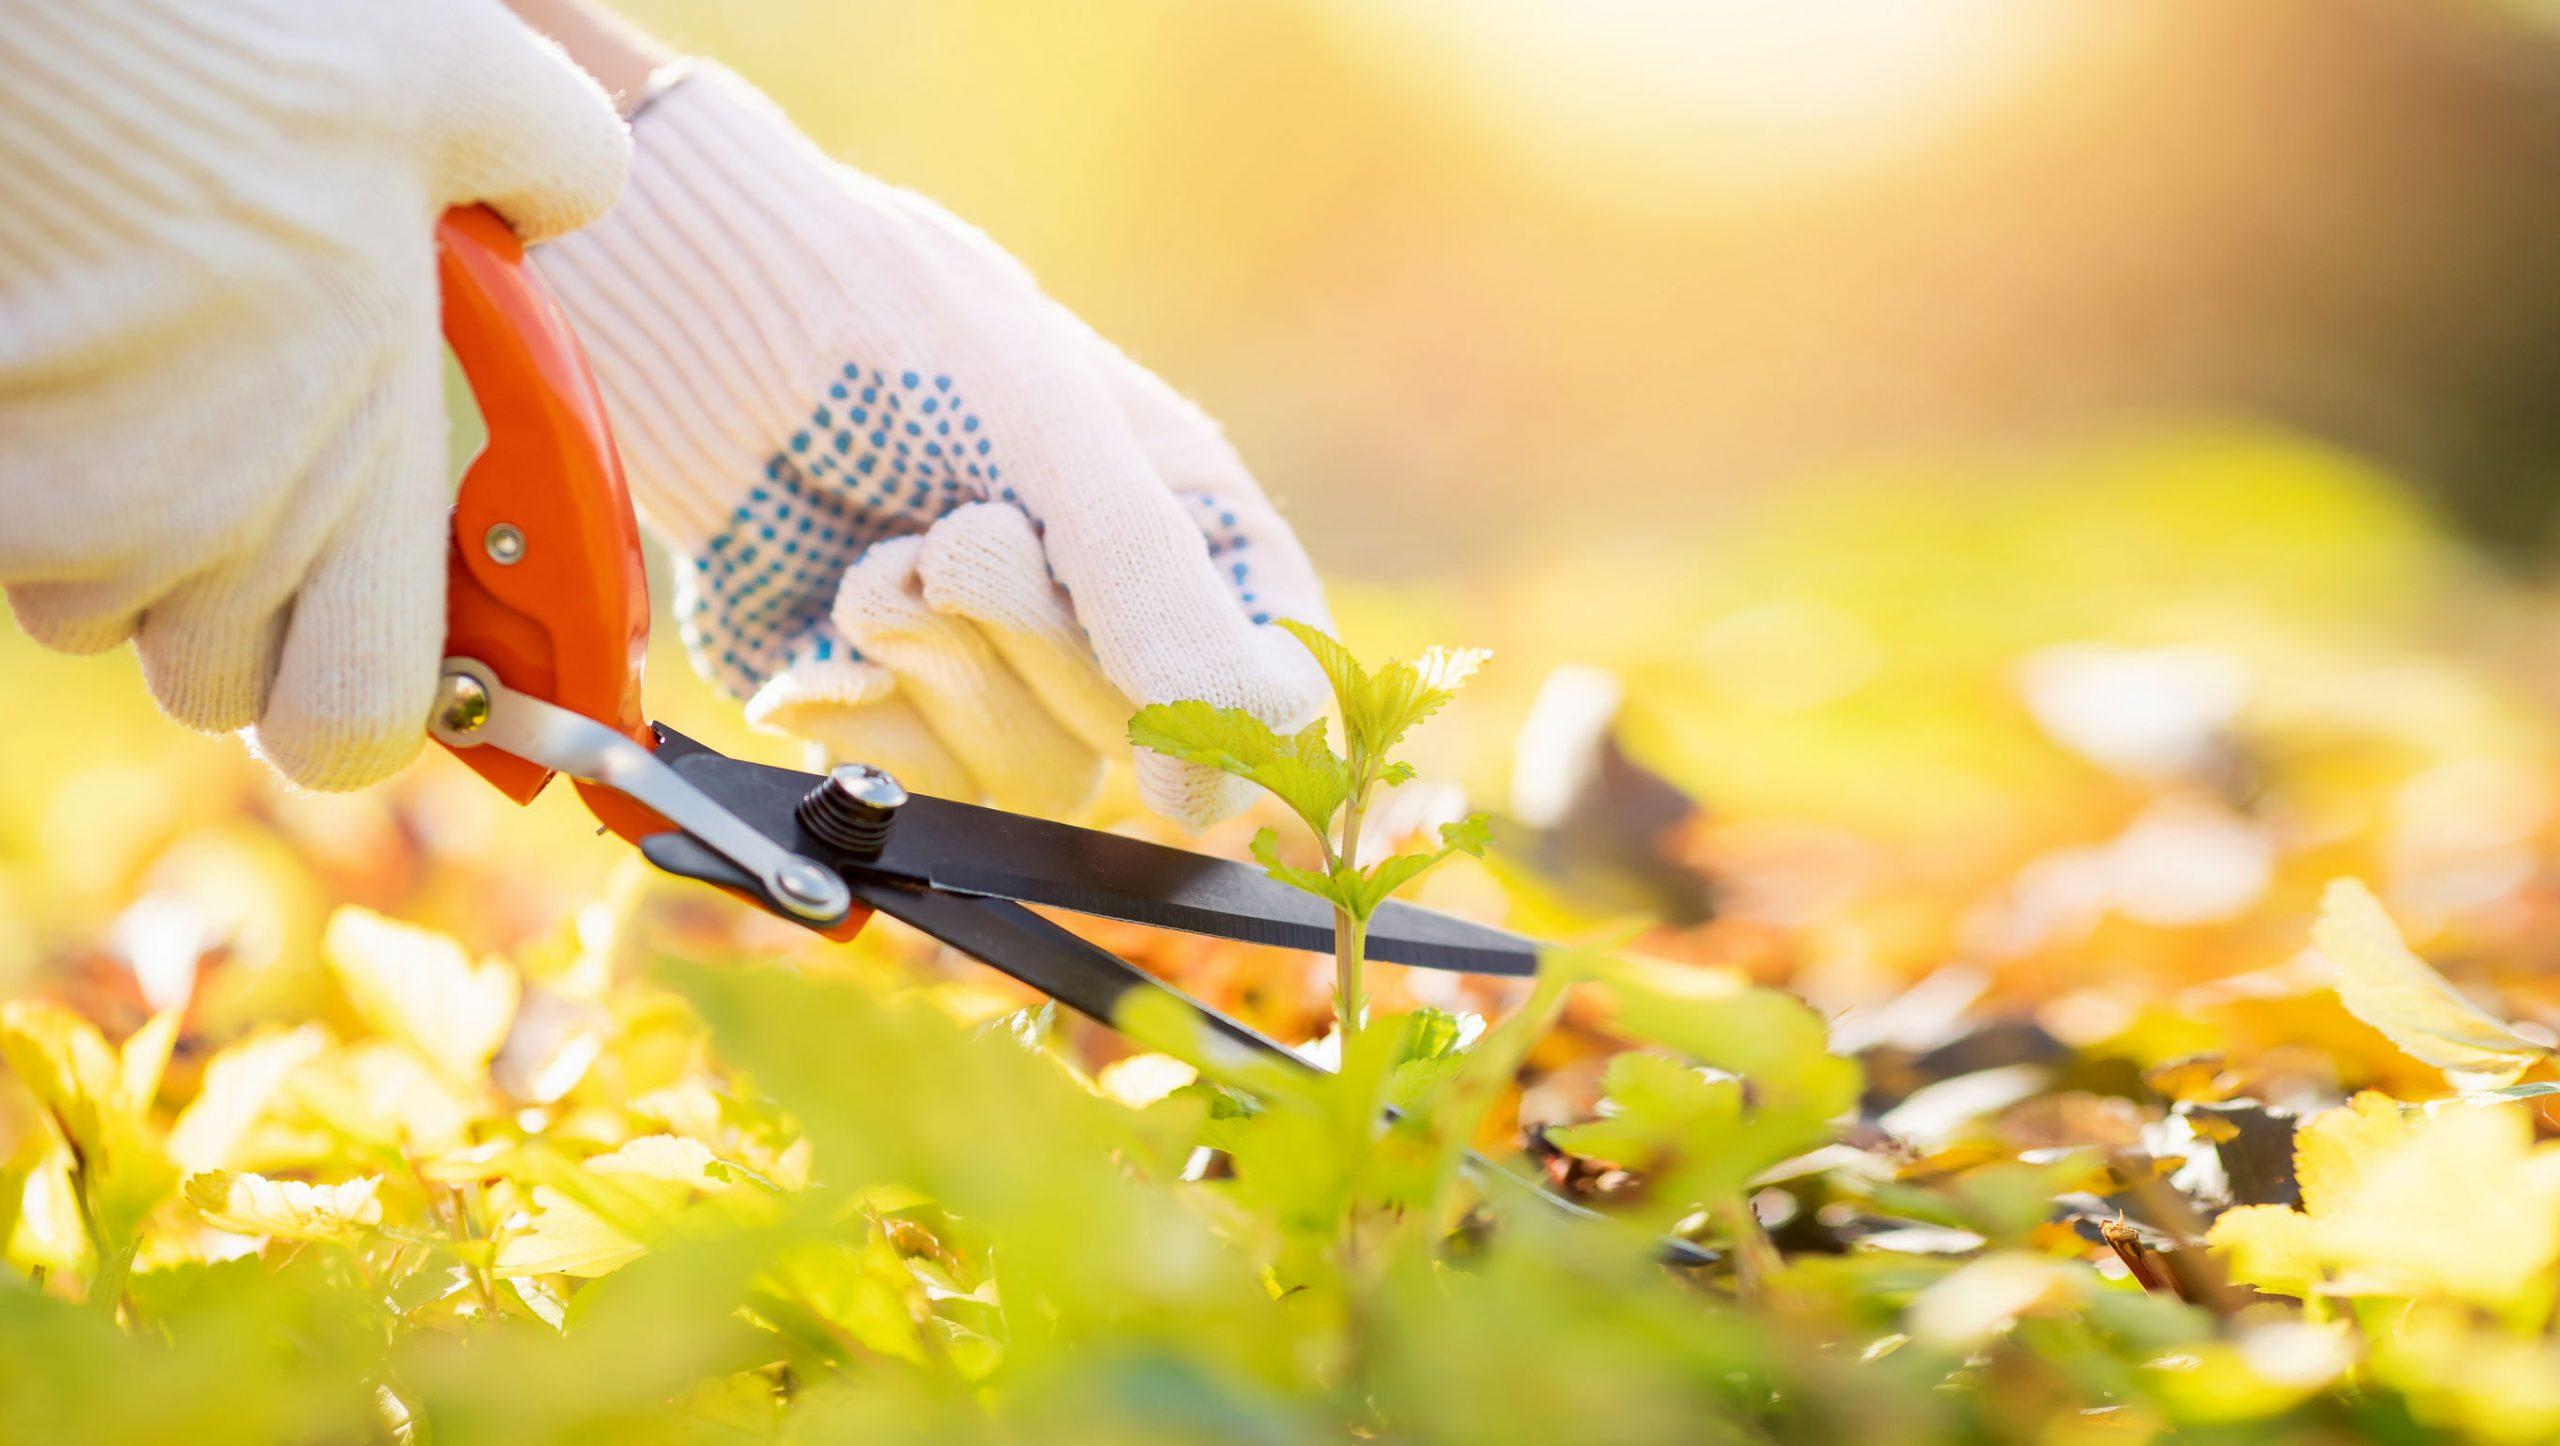 Homem com tesoura de jardinagem cortando um arbusto verde